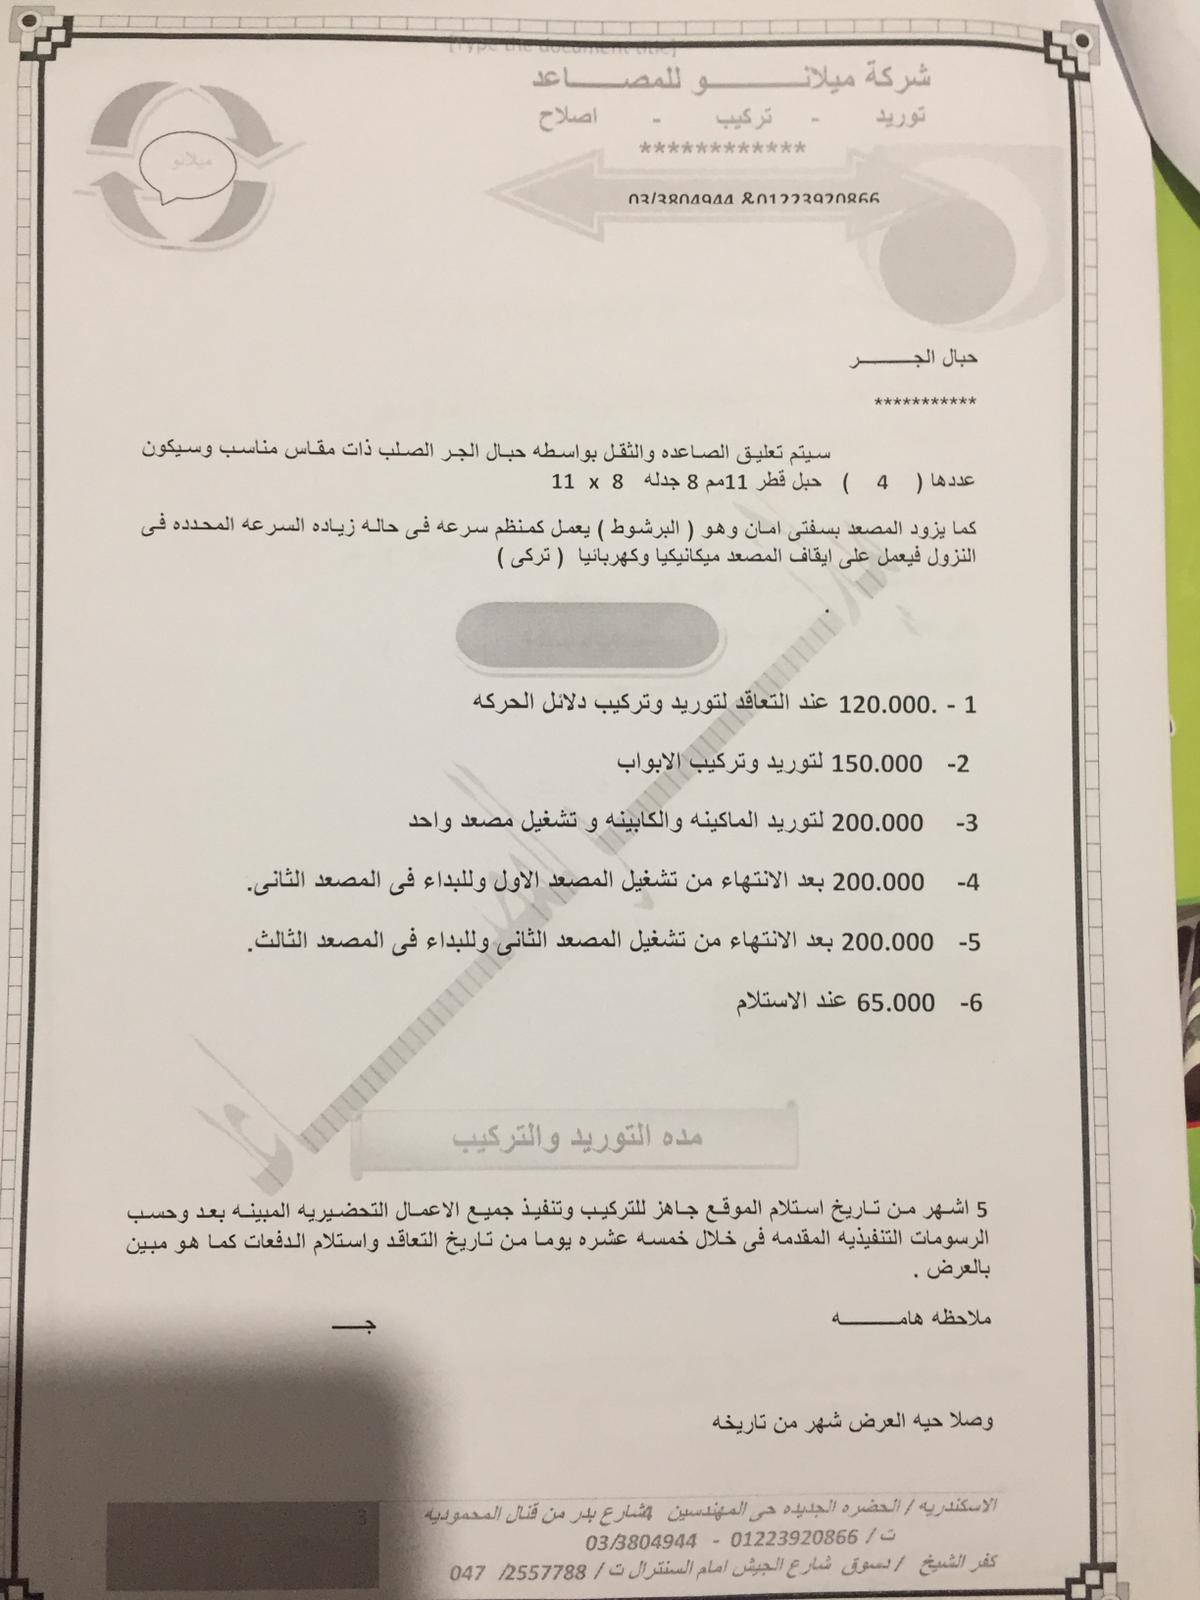 أزمة مشروع سيتي بالاس بالإسكندرية (55)